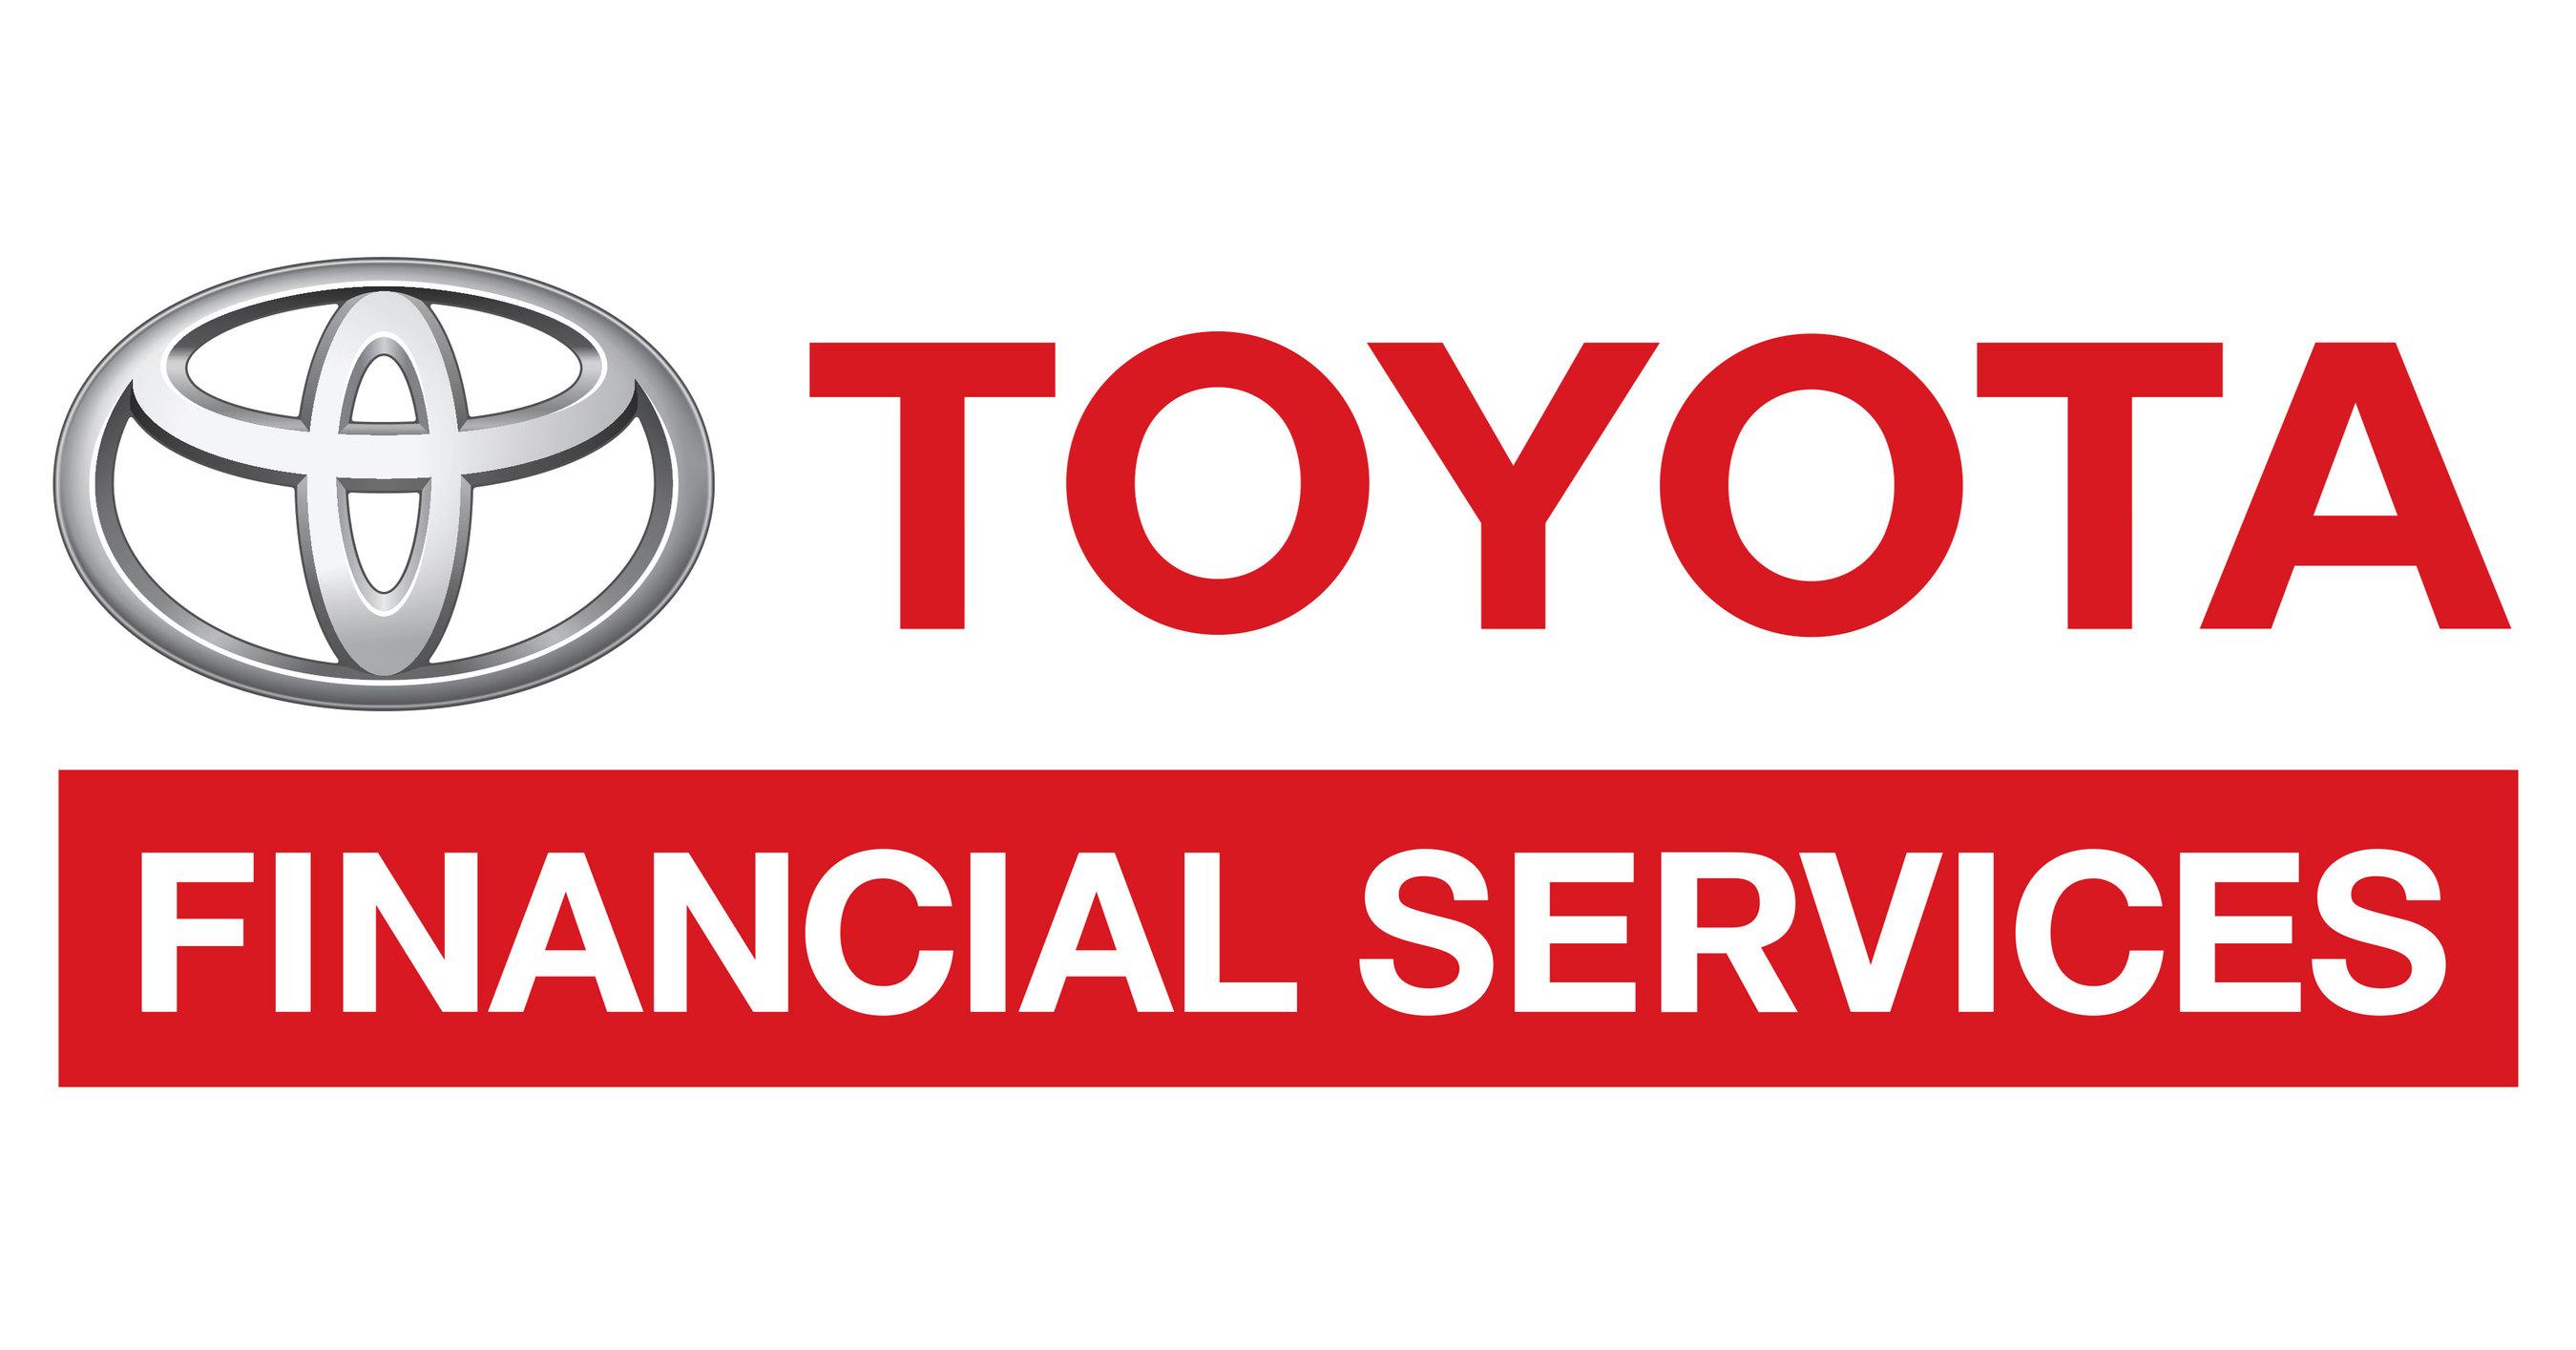 AOD Financial Services Logo photo - 1